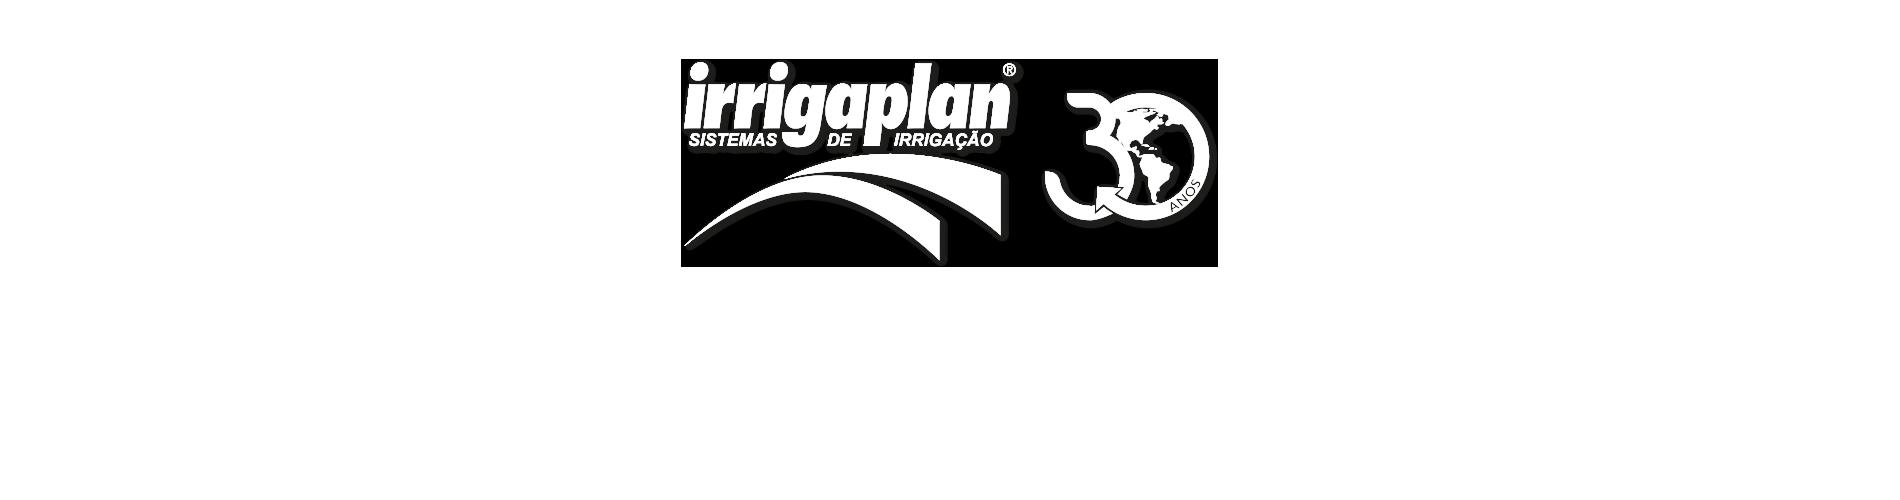 Banner 30 anos - Irrigaplan